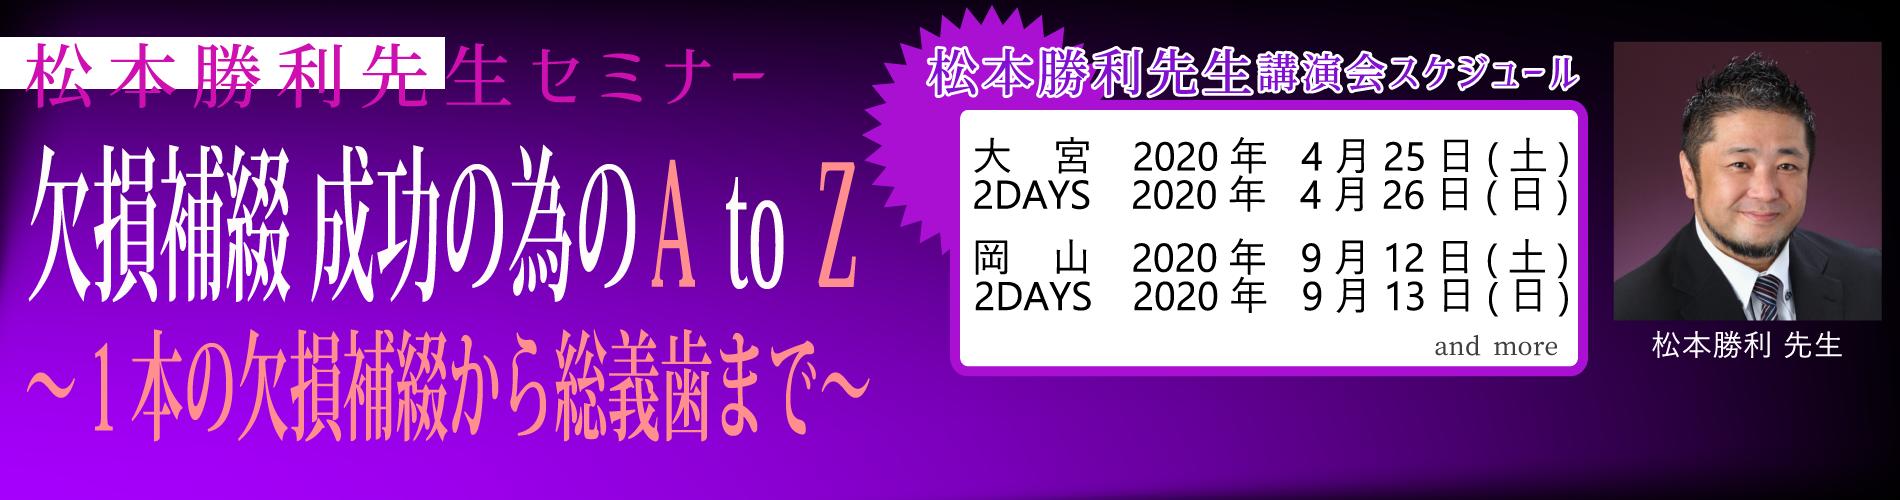 高橋恭久先生 講演会 2019年 開催日程